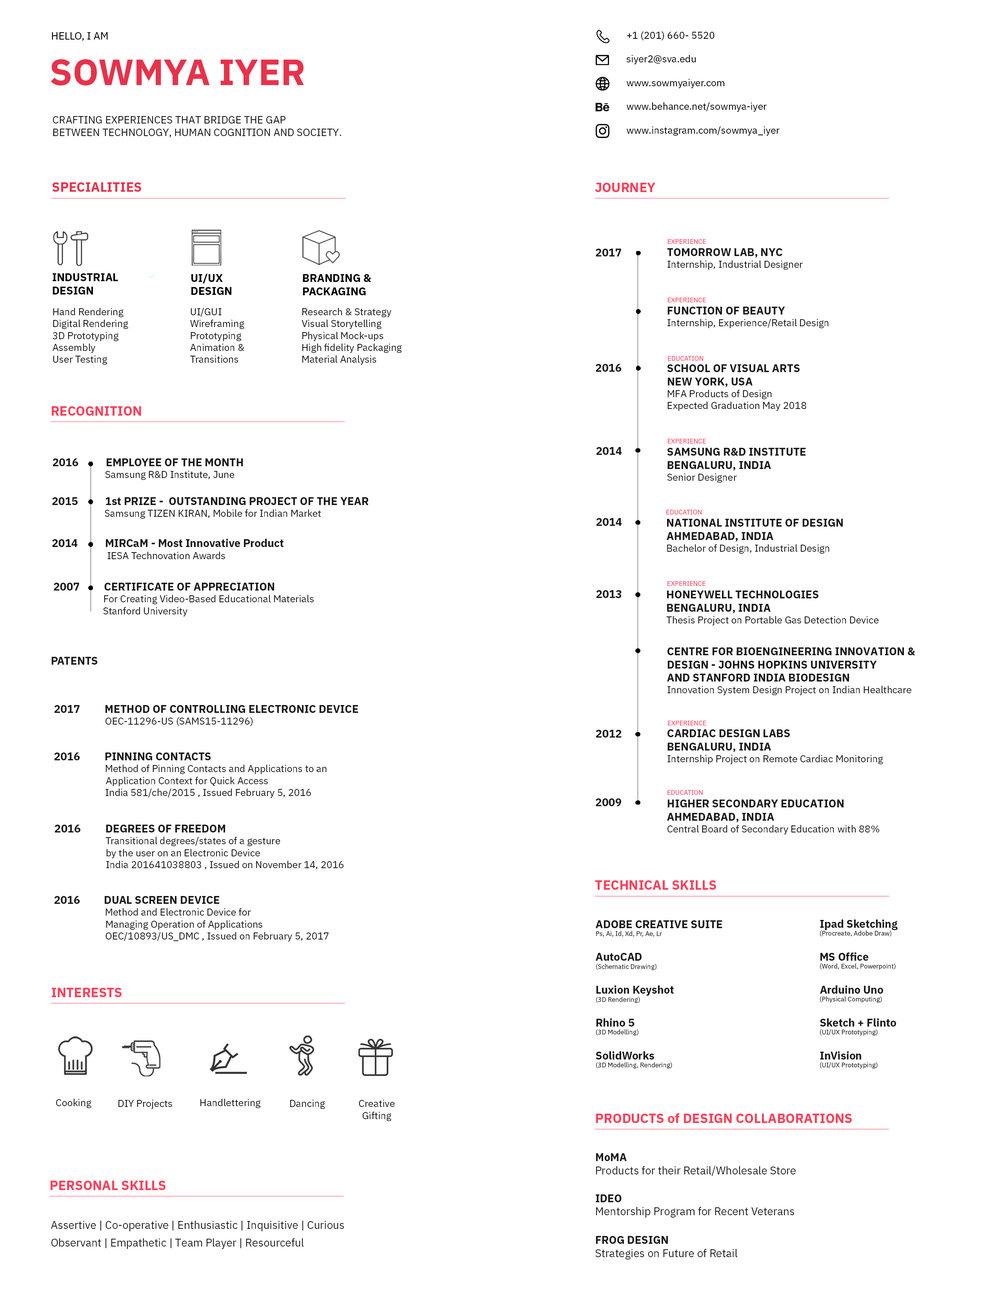 Resume_2018_SVA.jpg